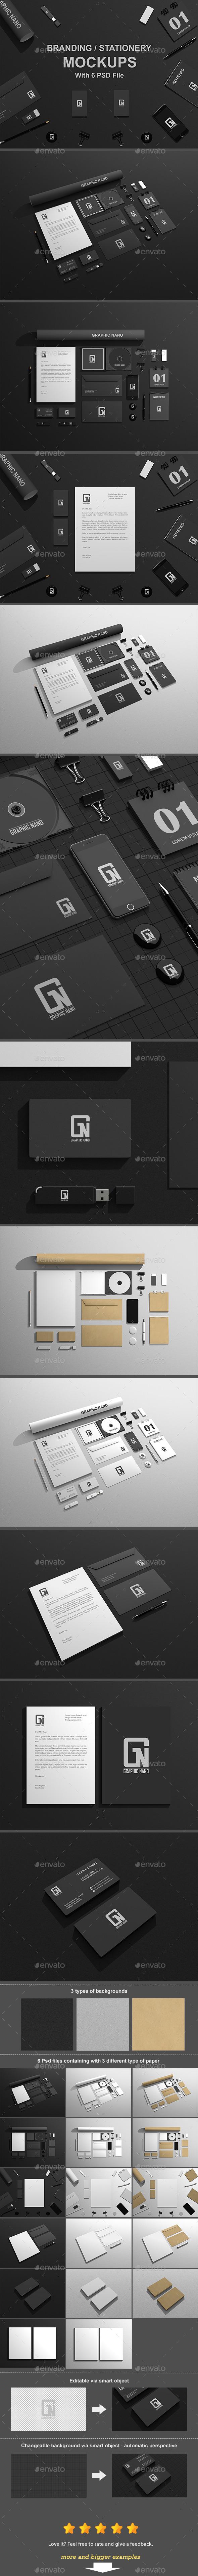 Branding / Stationery Mock-Ups - Stationery Print